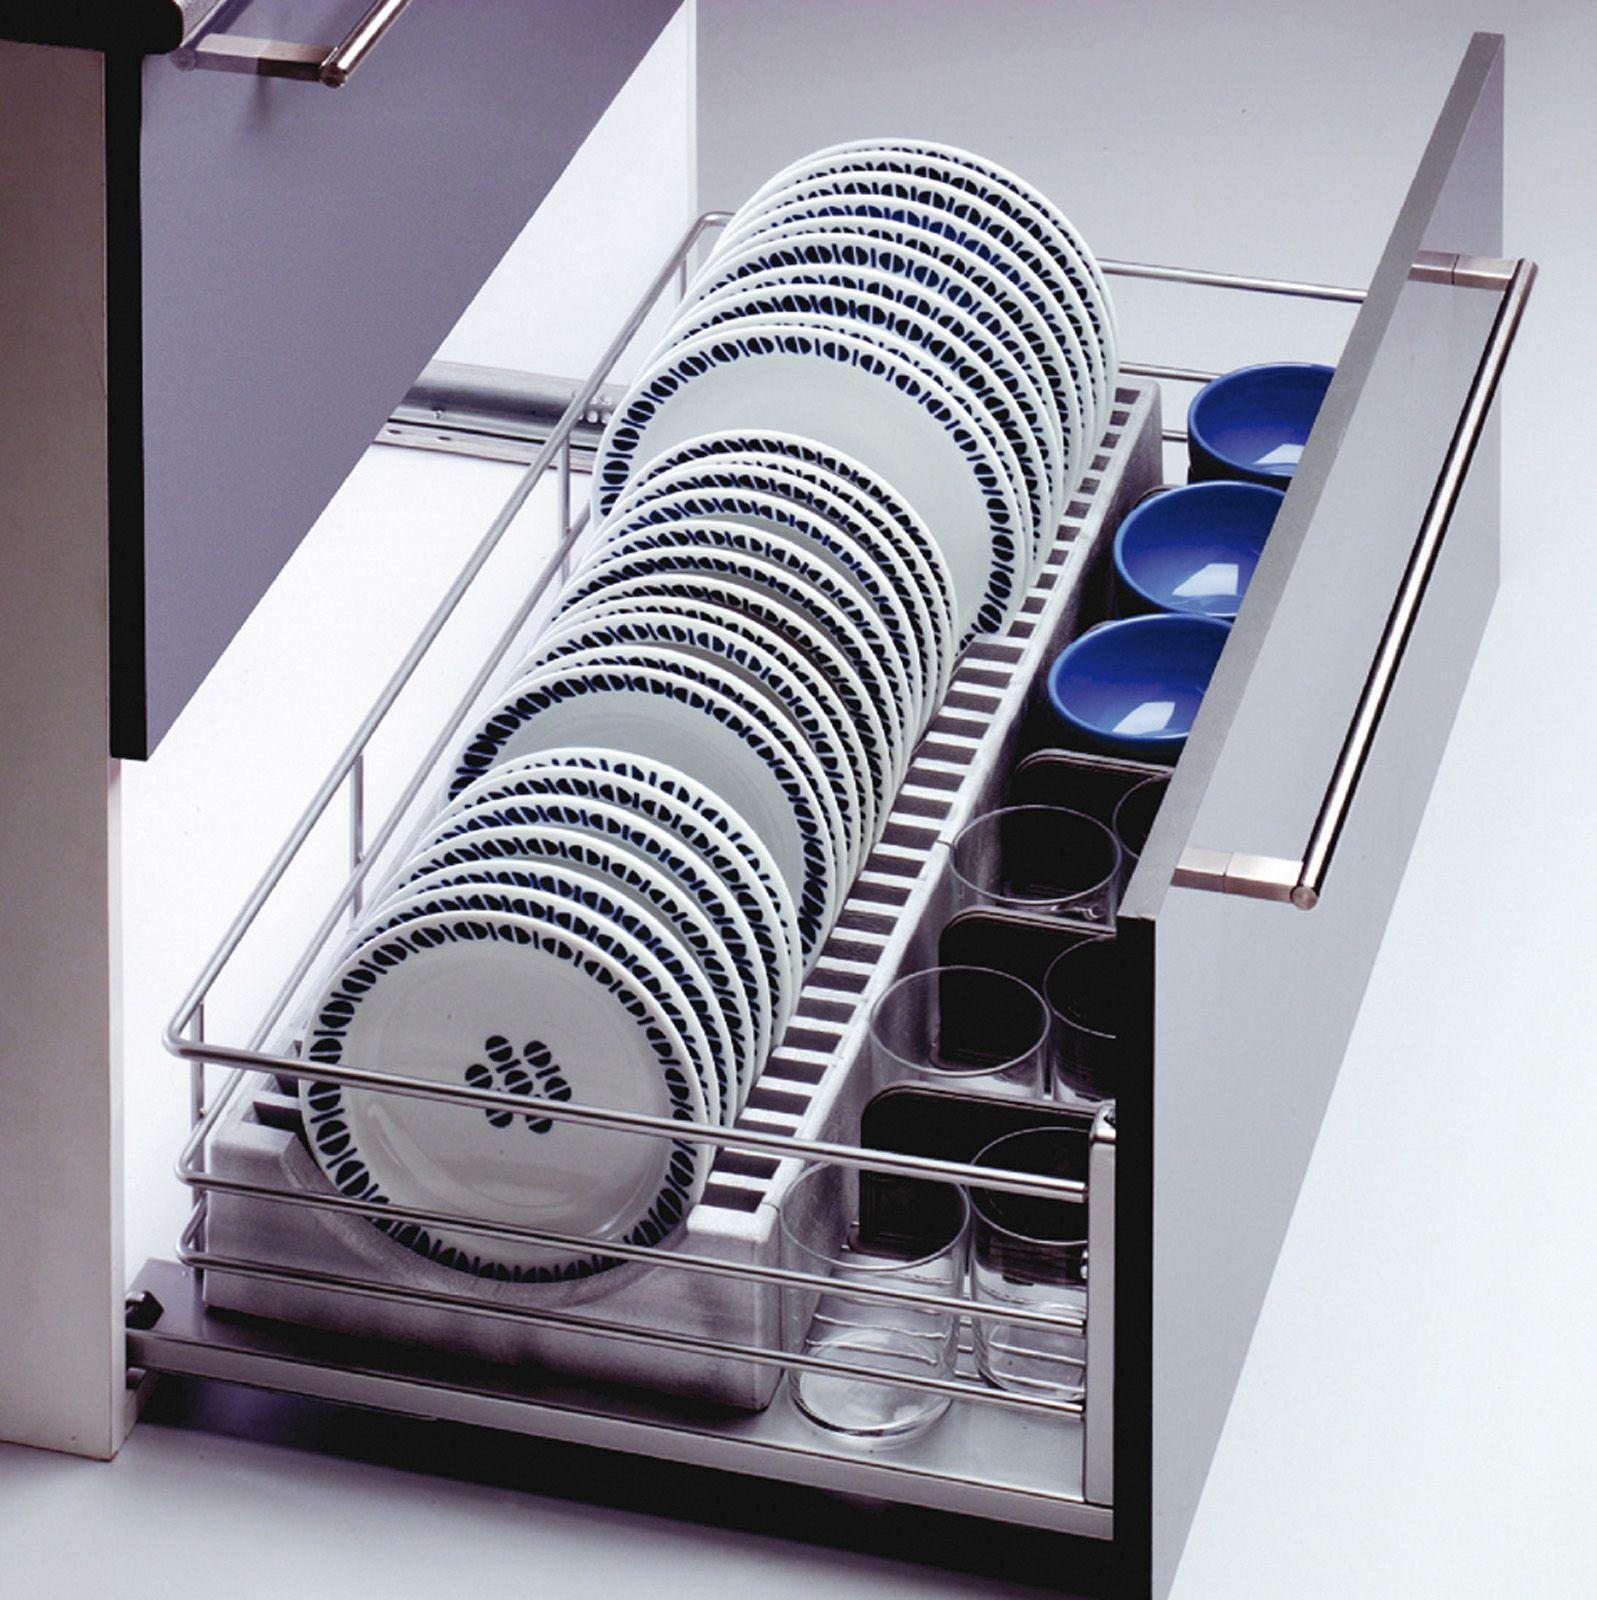 Le Plombier Menage Confort Range Assiettes Home Inspo  # Rangements Assietes Modernes